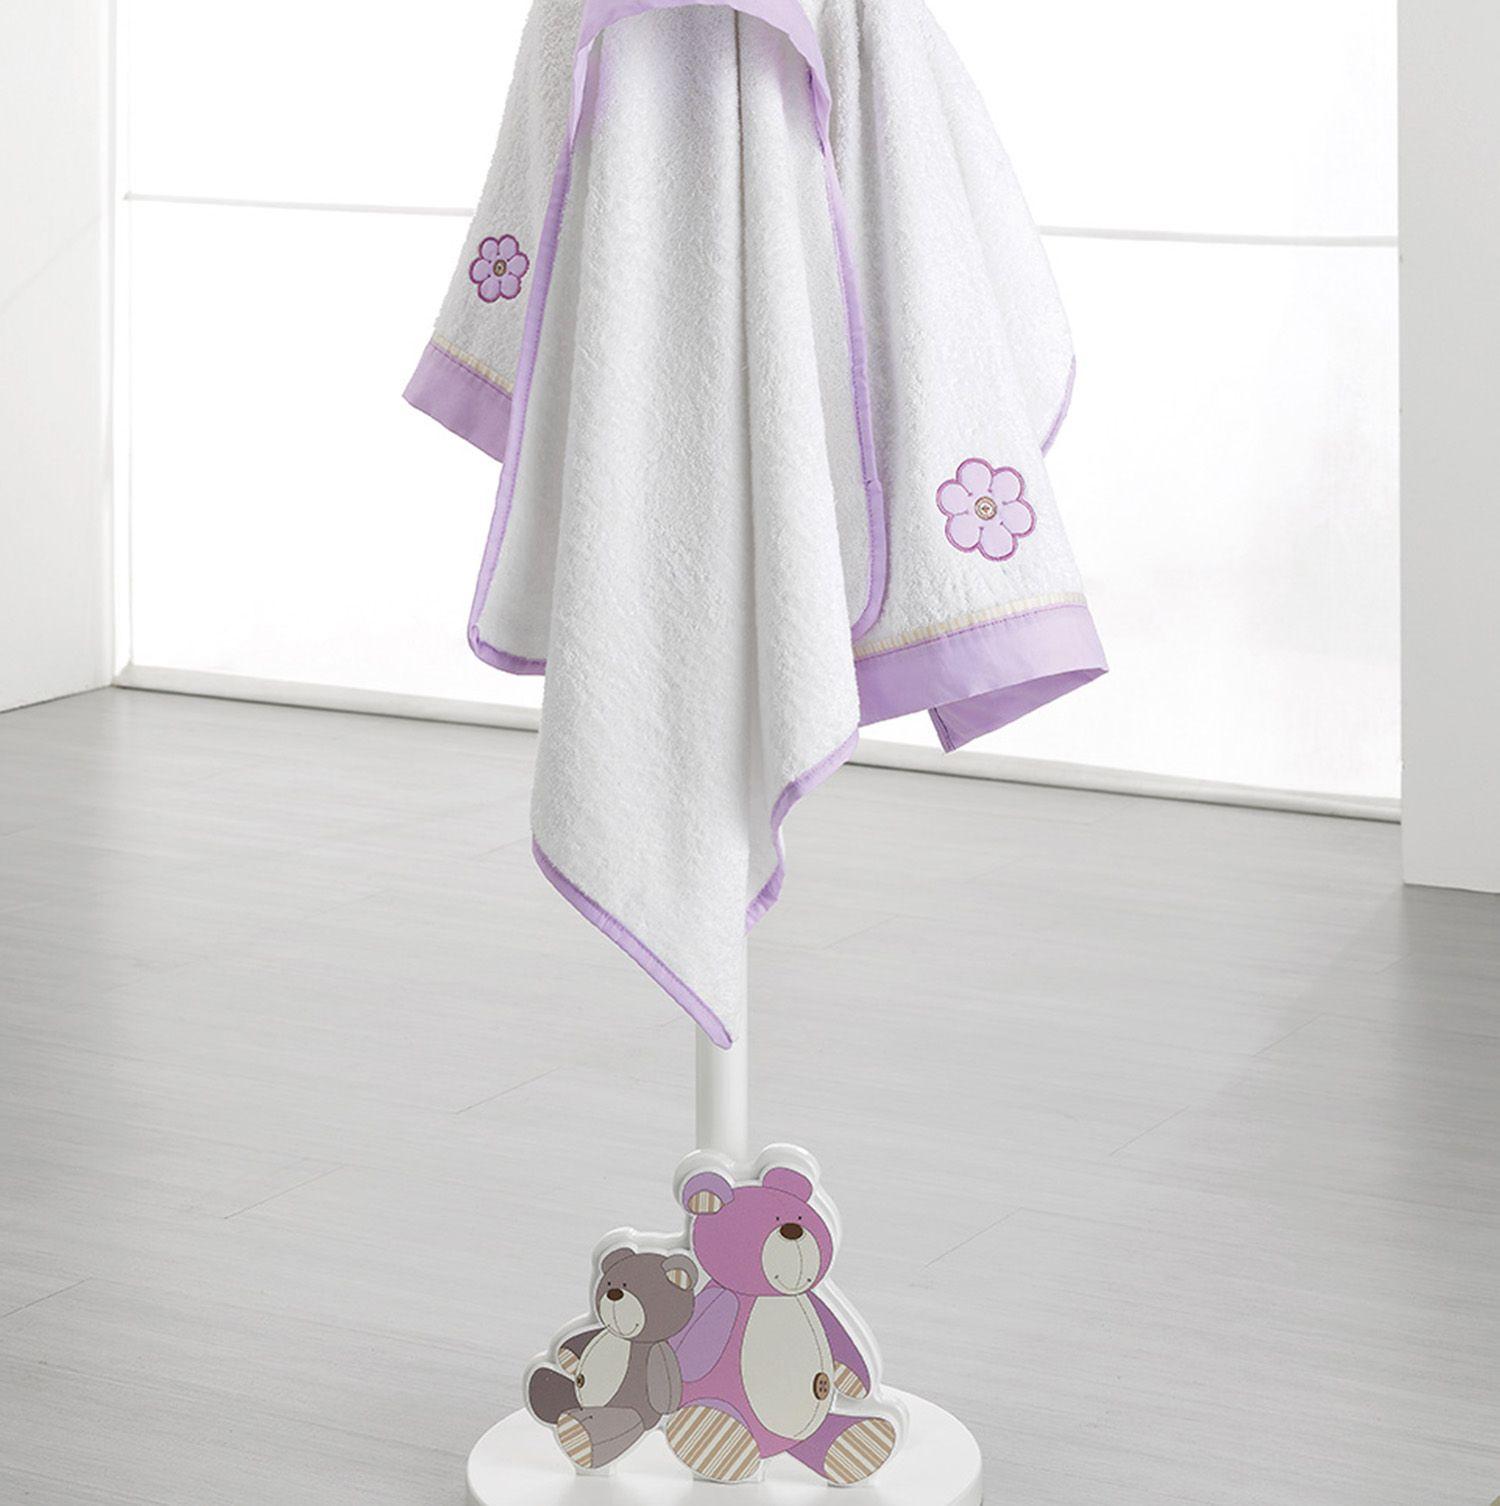 Erbesi Serie Lilo & Gió für ein stylishes Kinderzimmer in weiß und violett